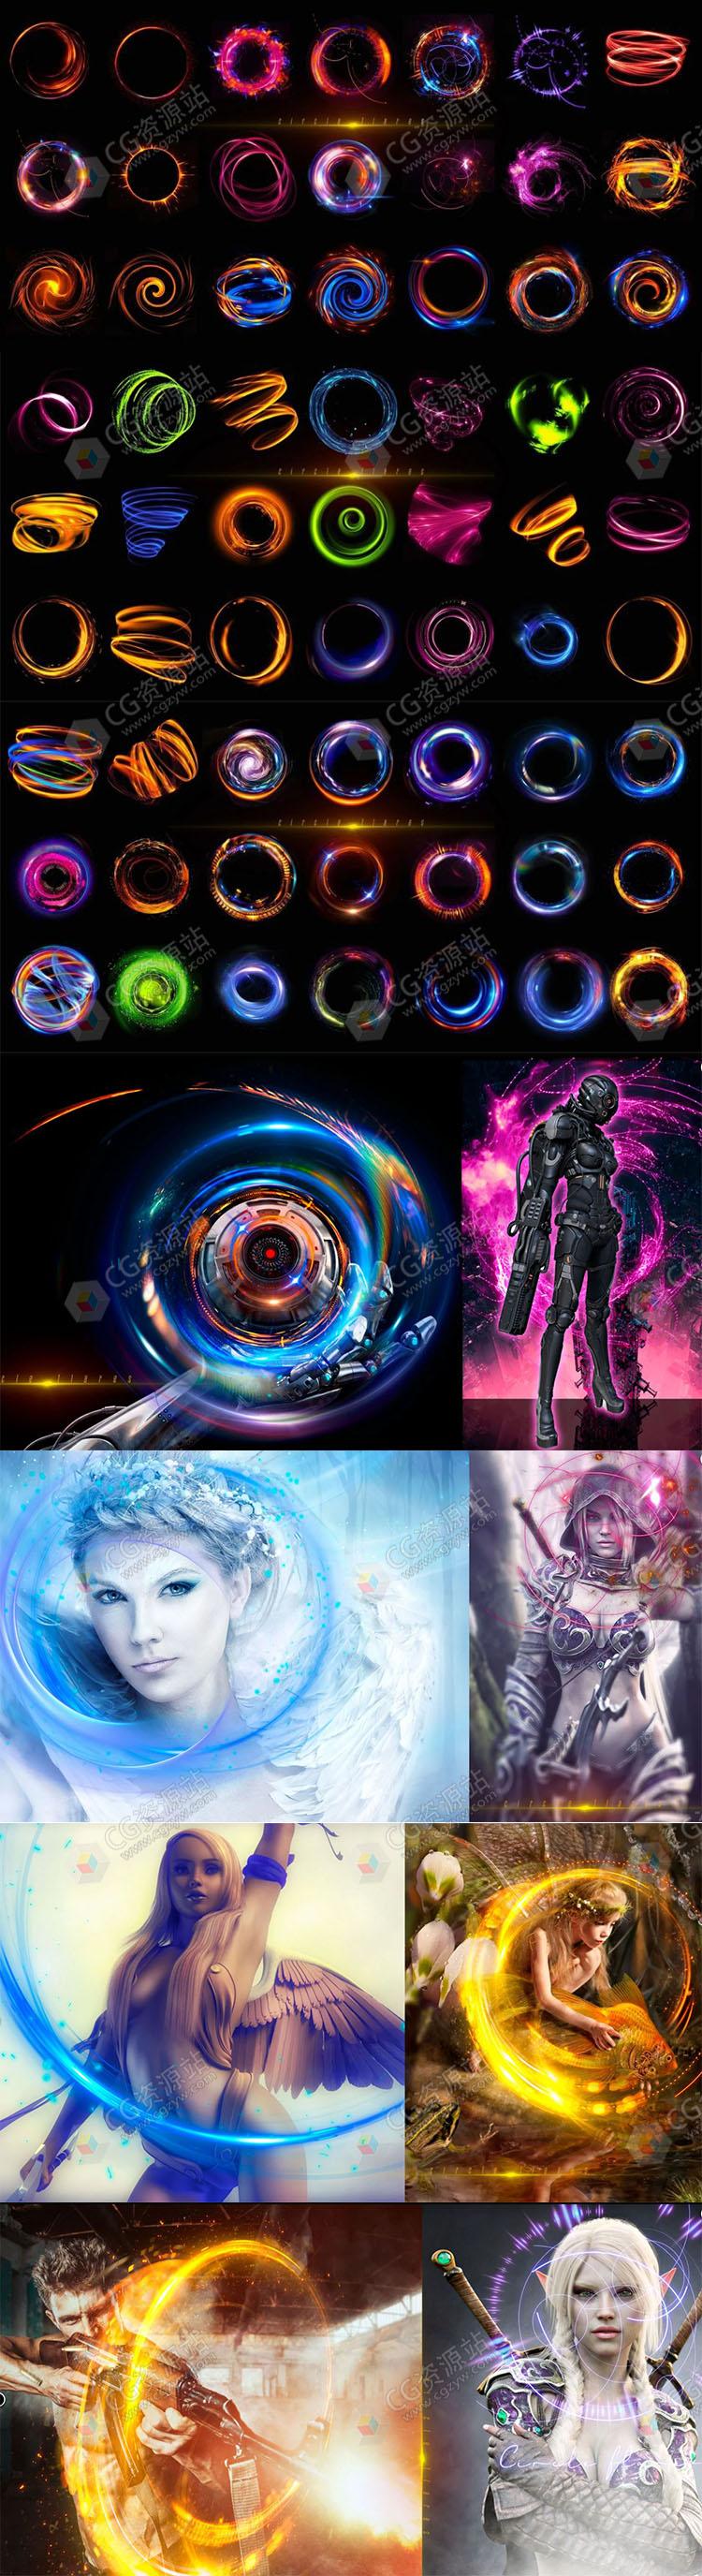 105张多彩耀眼圆形光斑光效特效PNG图片素材